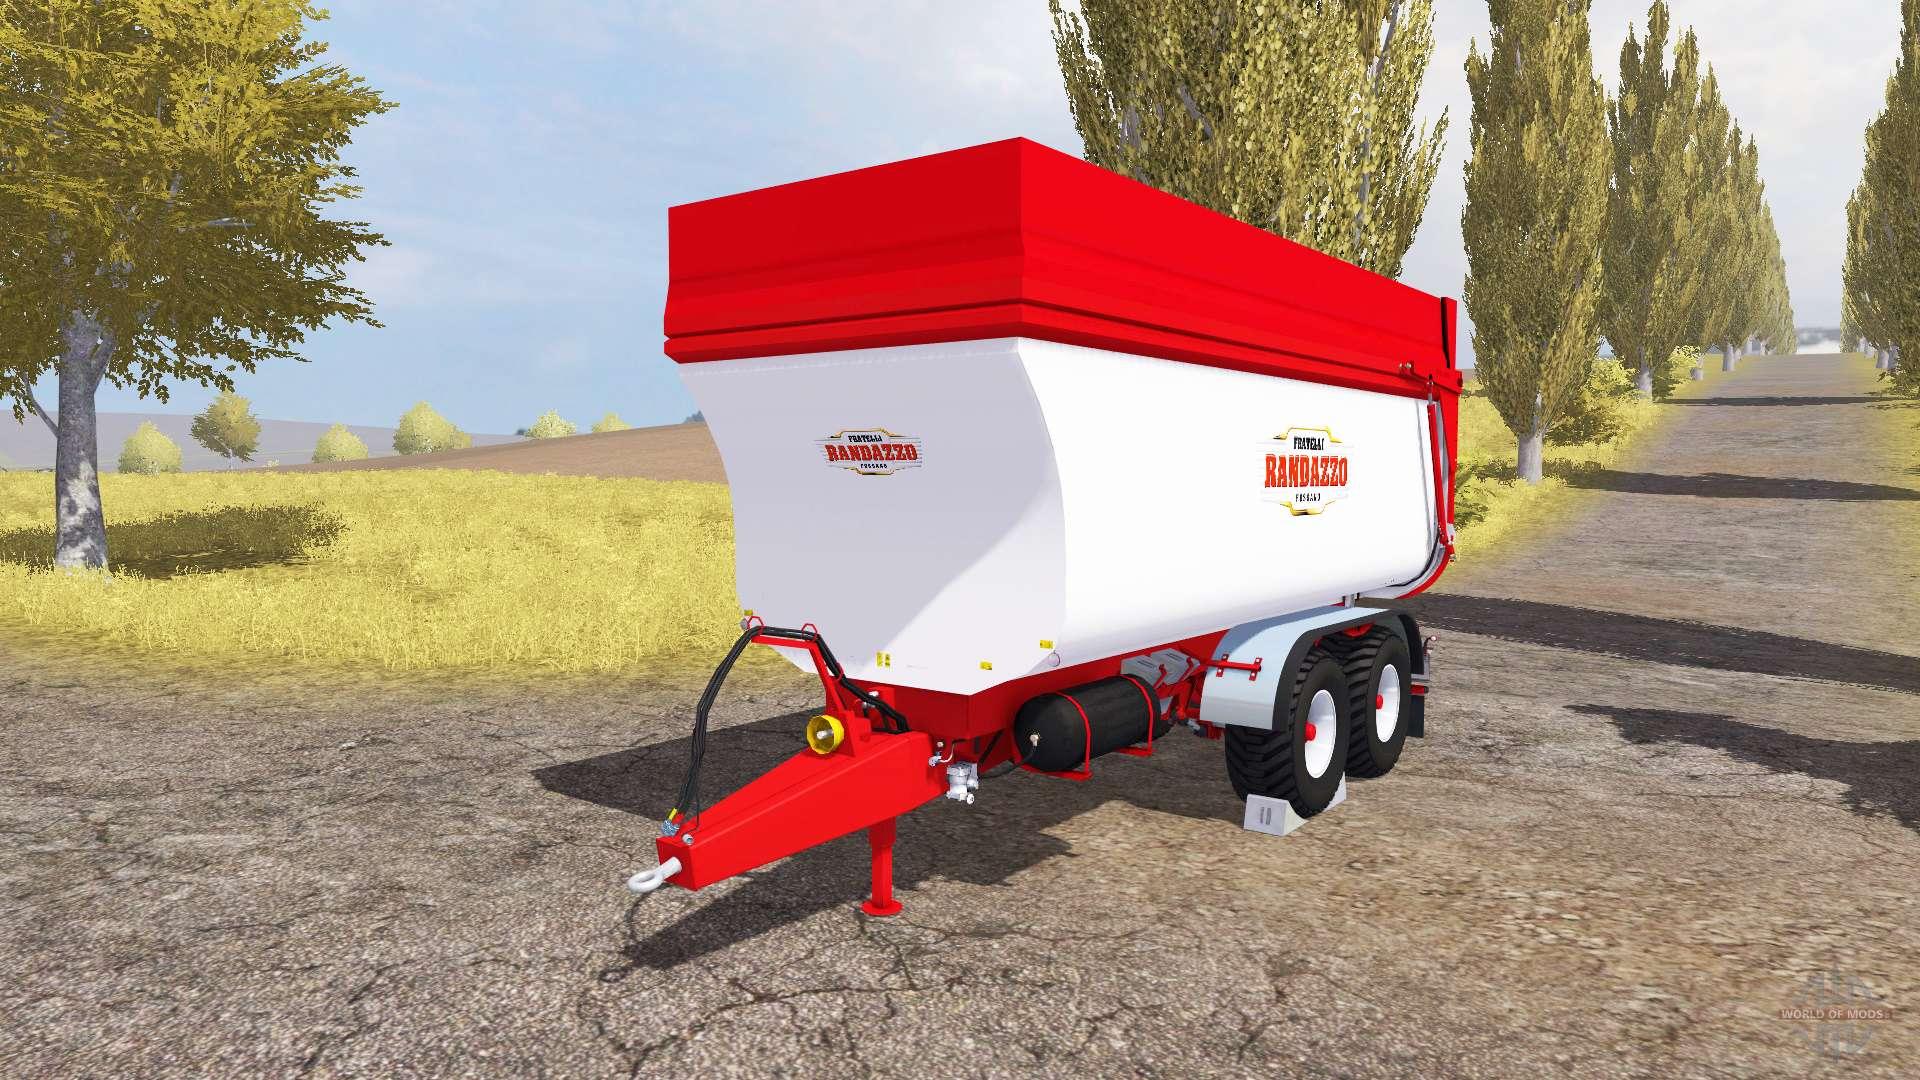 Rimorchi randazzo t60 v1 1 farming simulator 2013 for Rimorchi randazzo